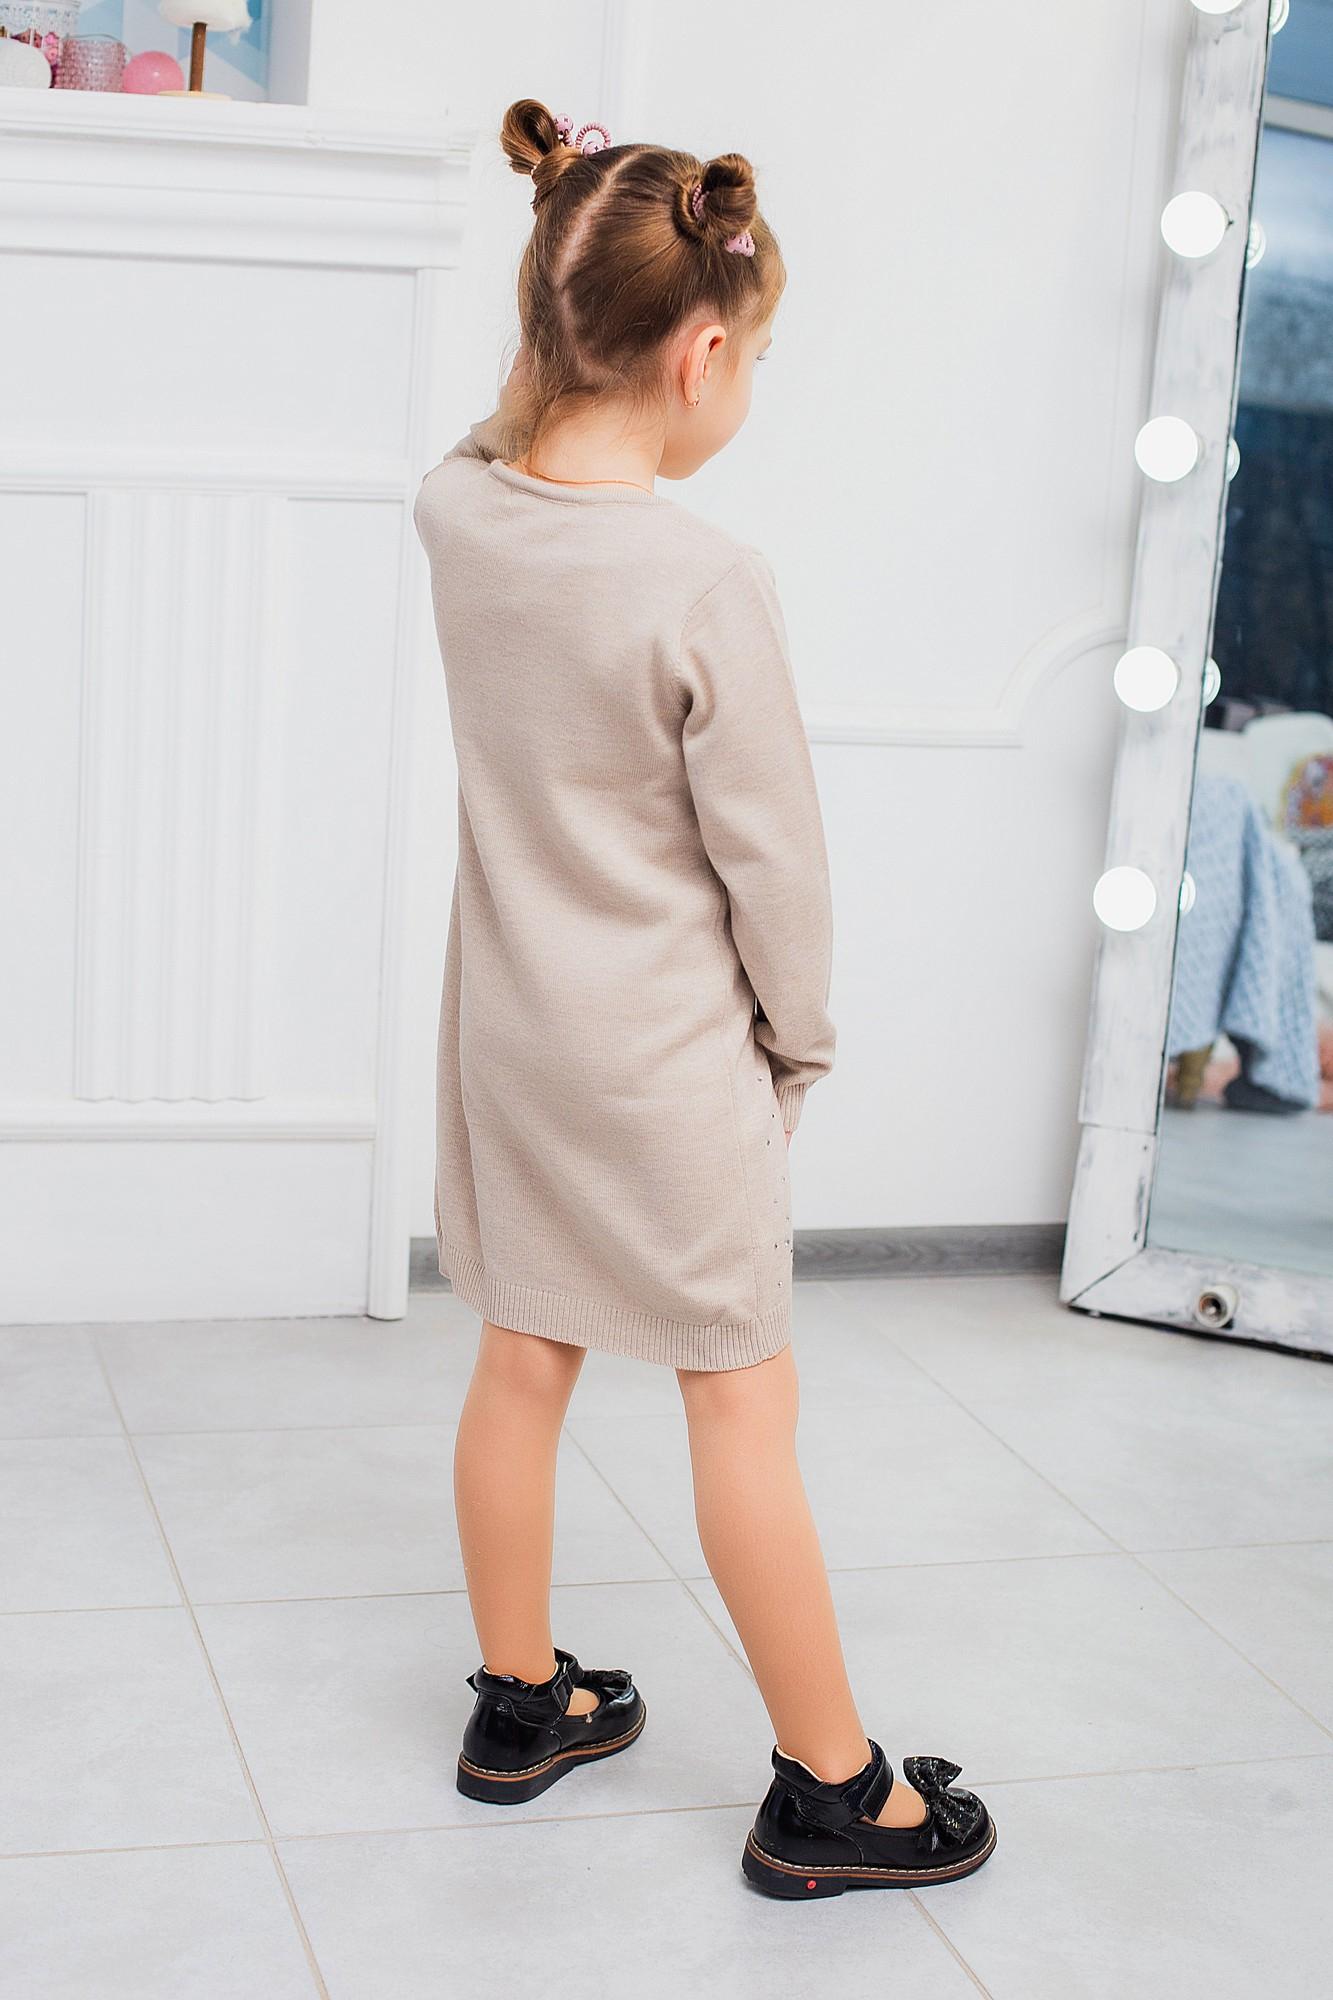 Класична в'язана сукня з прикрасами